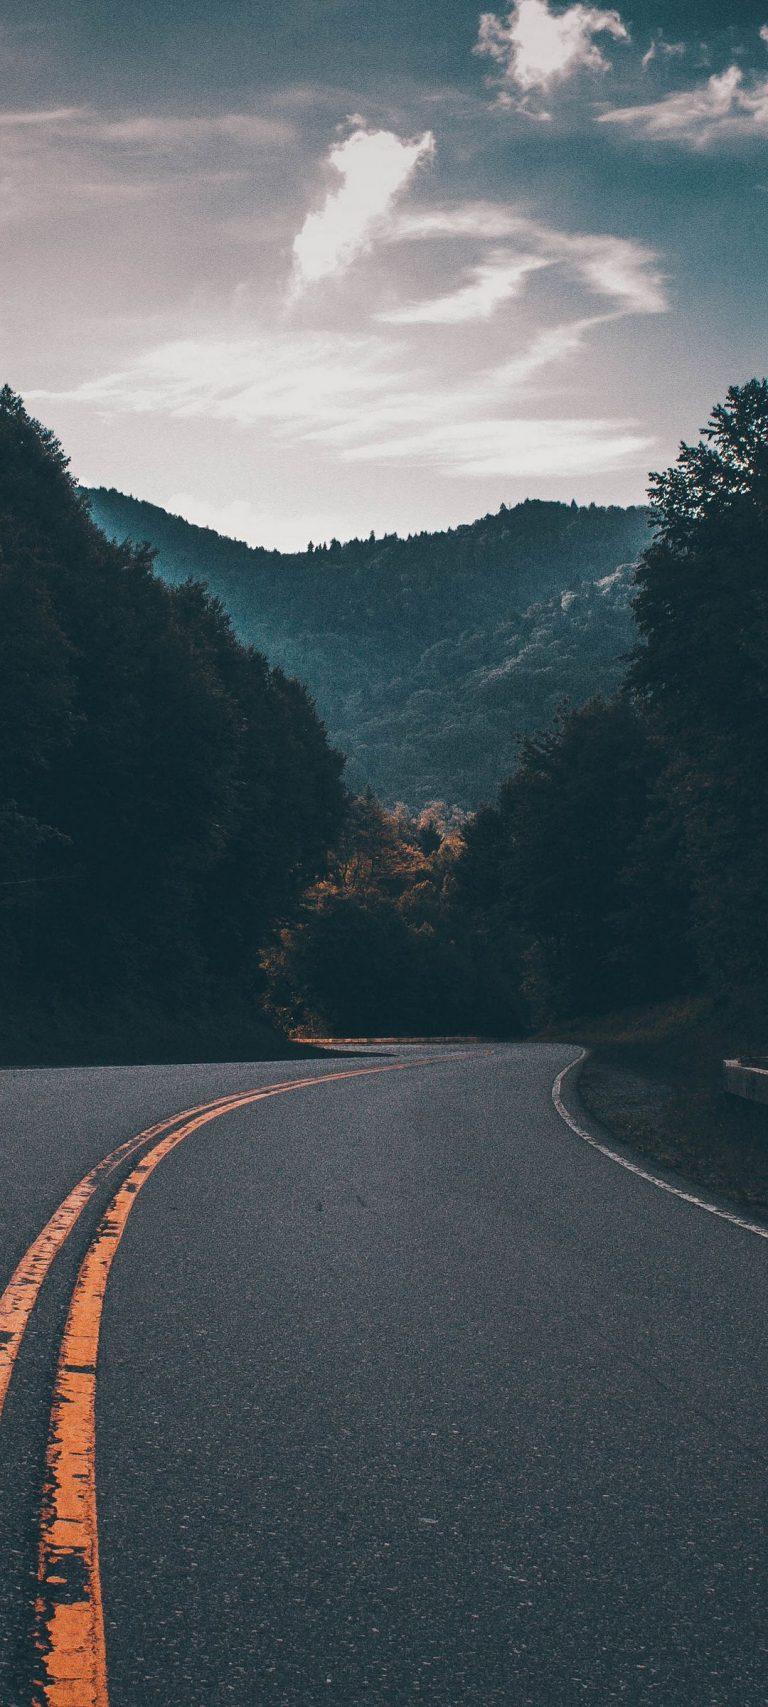 Road Marking Turn Trees 1080x2400 768x1707